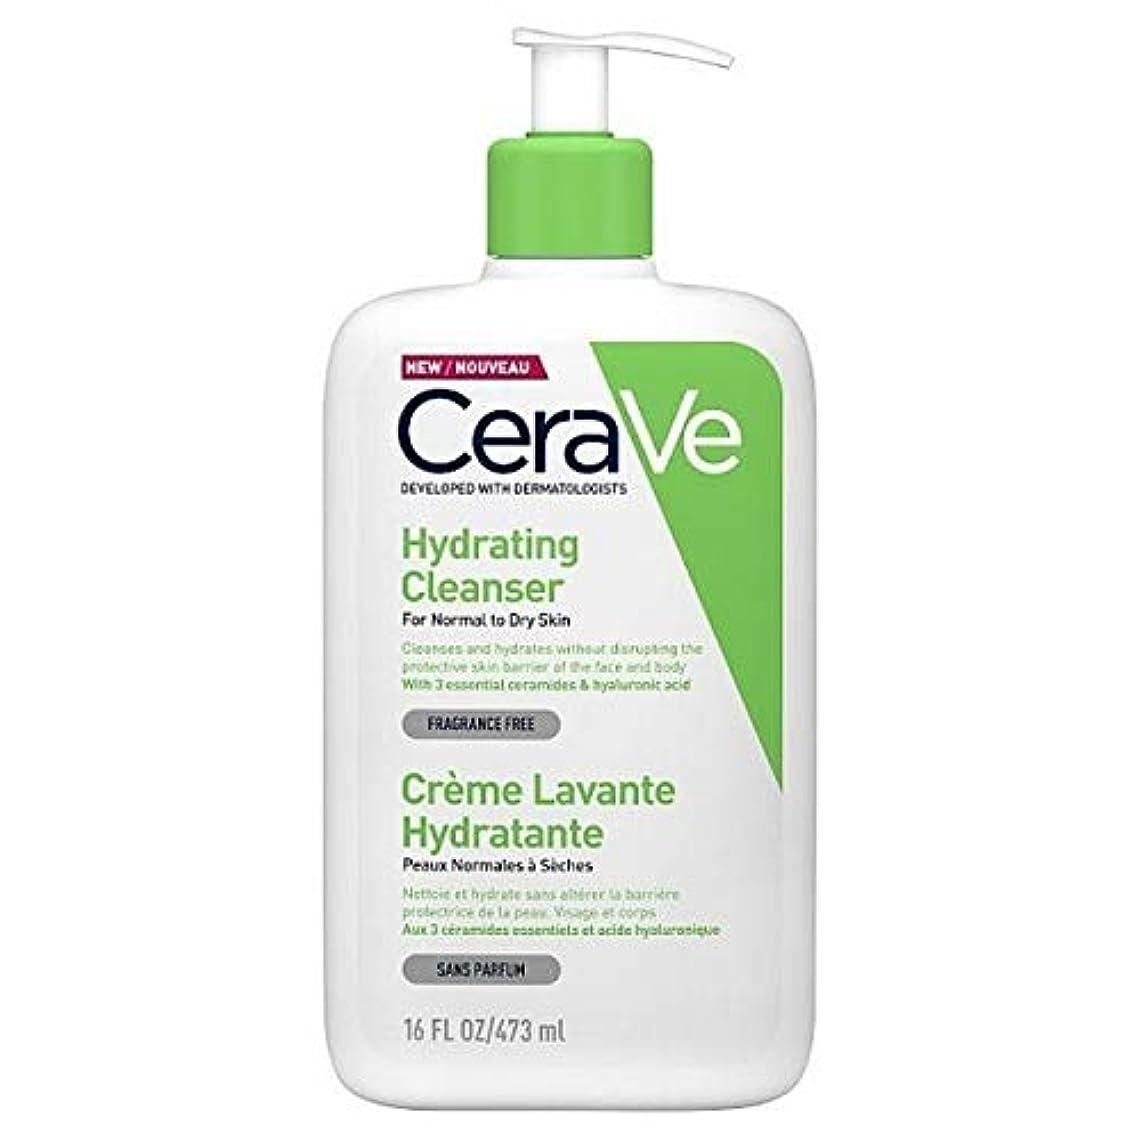 探す煙バルセロナ[CeraVe] Cerave水和クレンザー473ミリリットル - CeraVe Hydrating Cleanser 473ml [並行輸入品]